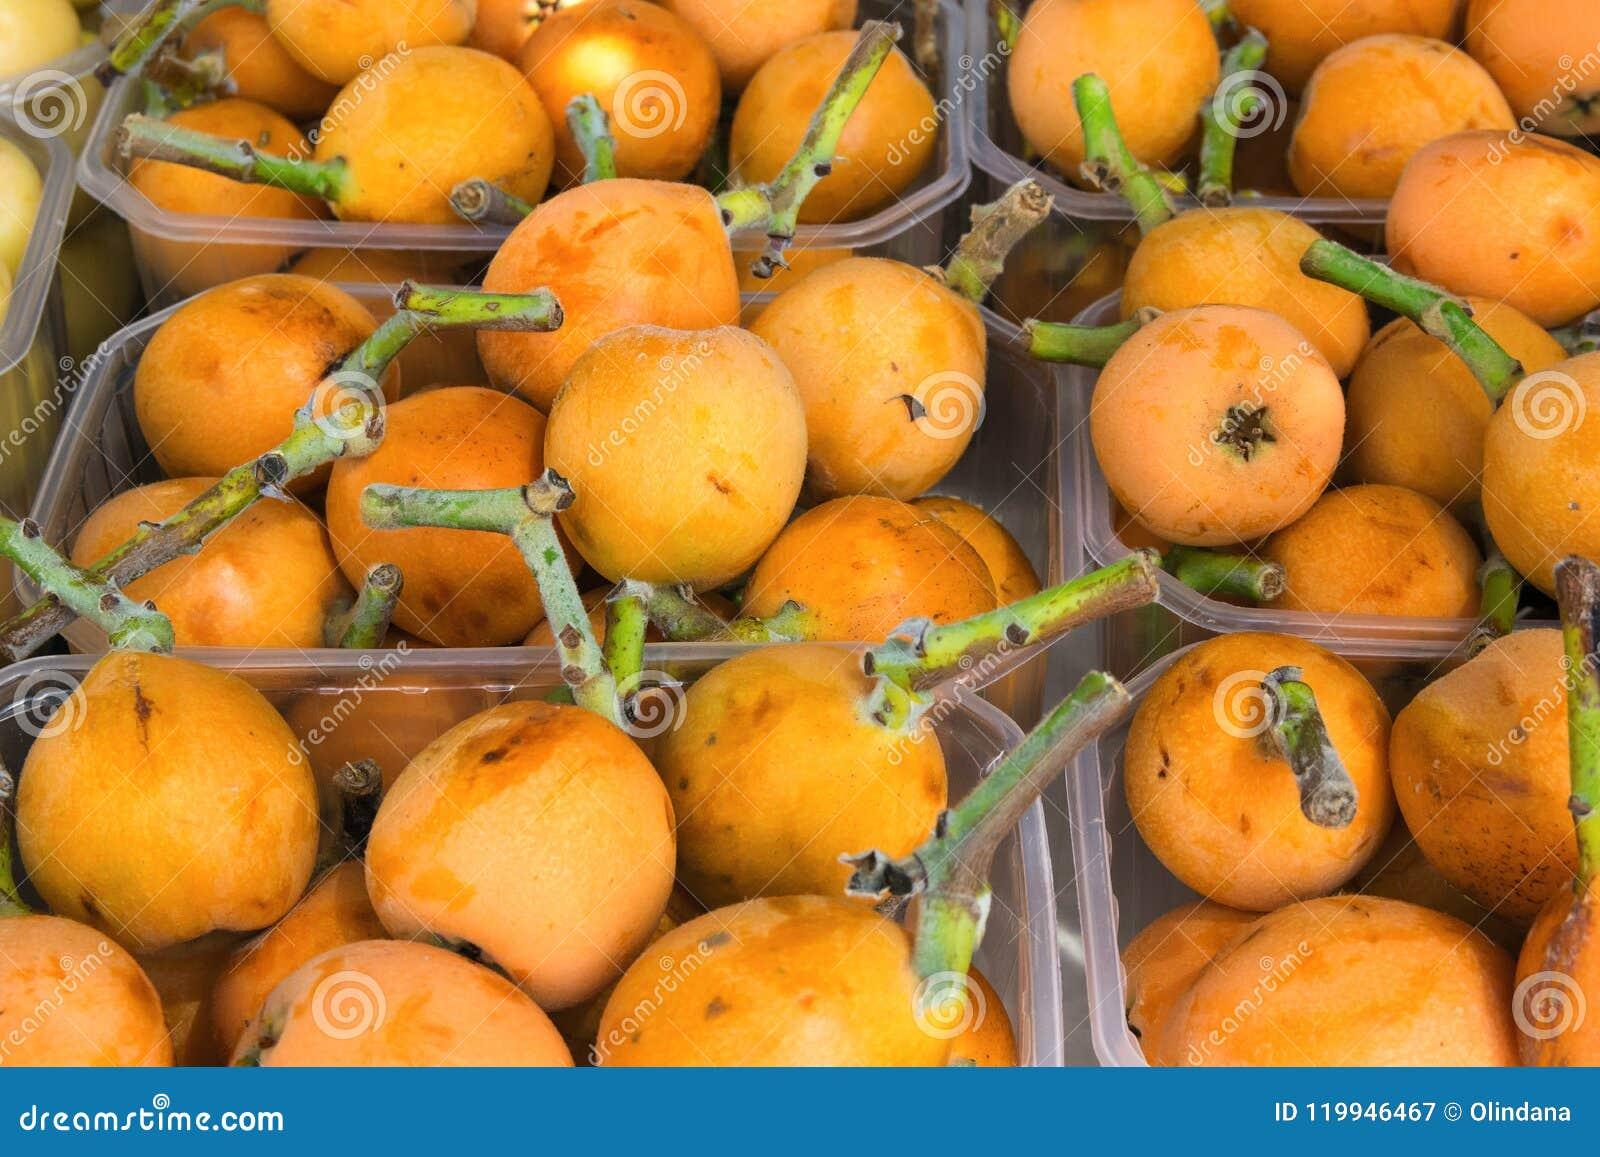 Medlars oranges vifs organiques mûrs dans des boîtes au marché d agriculteurs en Espagne Couleurs vives vibrantes lumineuses Réco